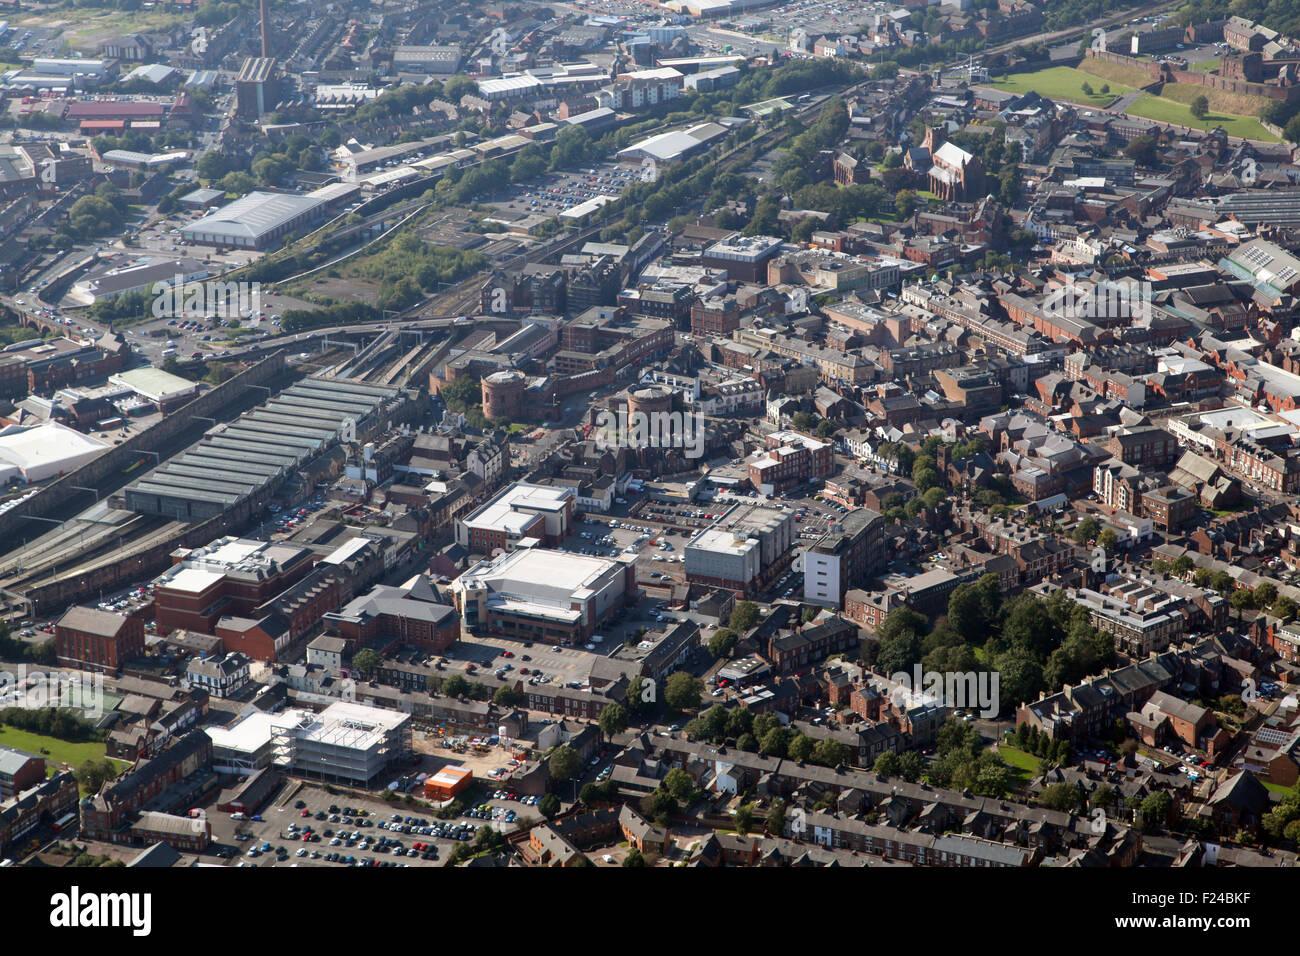 aerial view of Carlisle city centre, Cumbria, UK - Stock Image